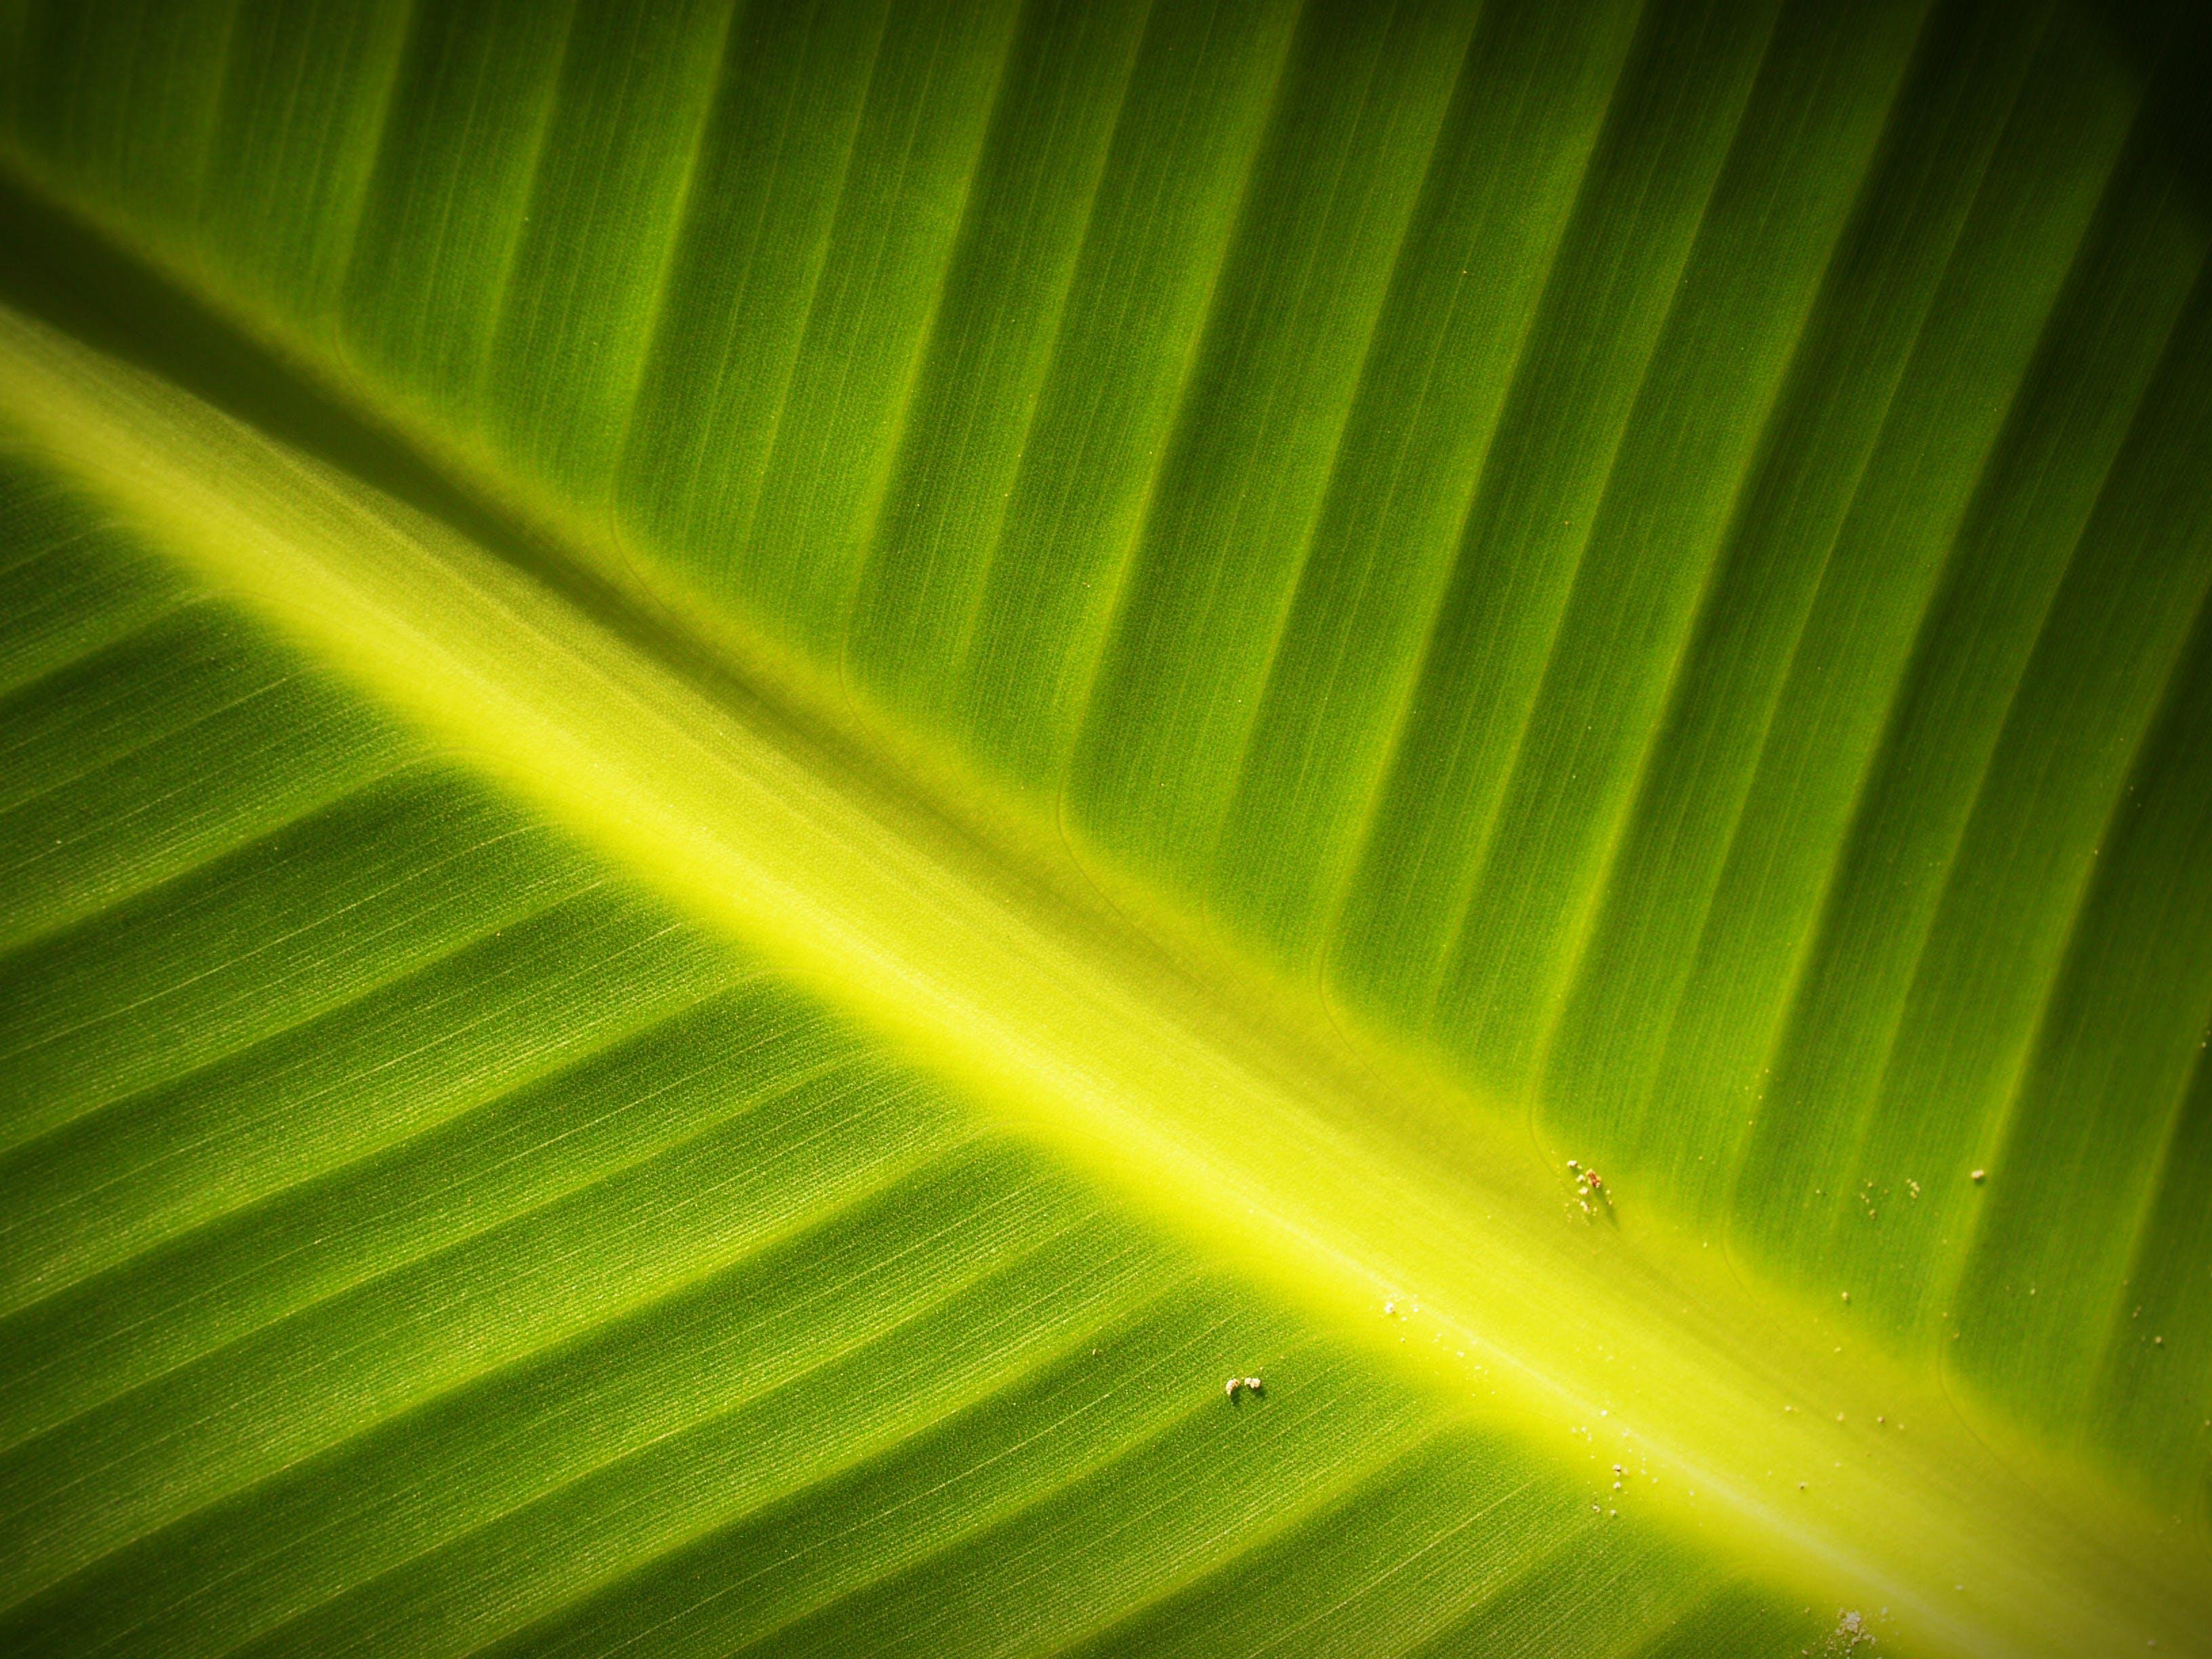 Gratis stockfoto met close-up, fabriek, fotosynthese, fris